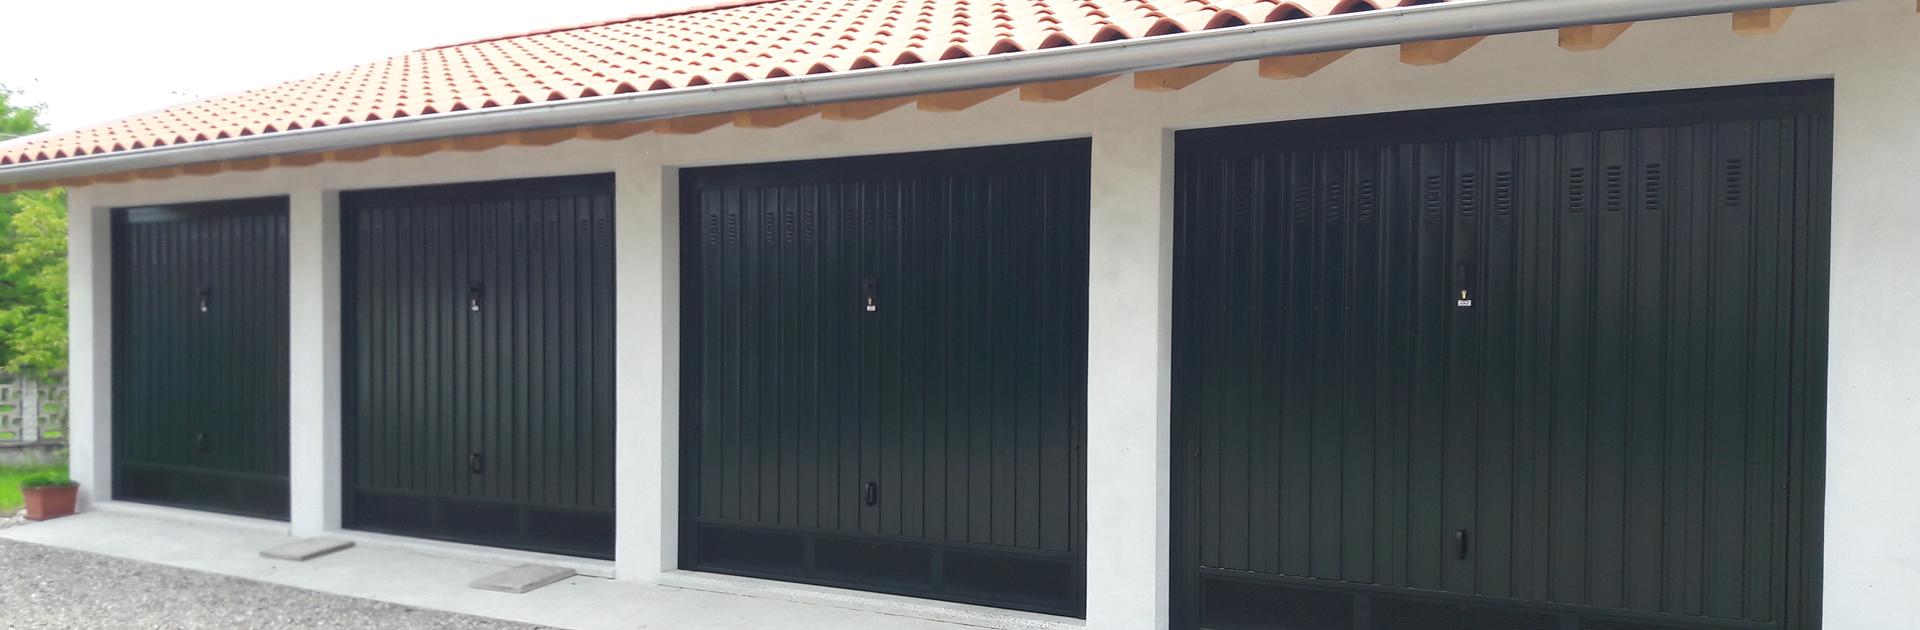 produzione porte basculanti in lamiera, vendita e messa in posa